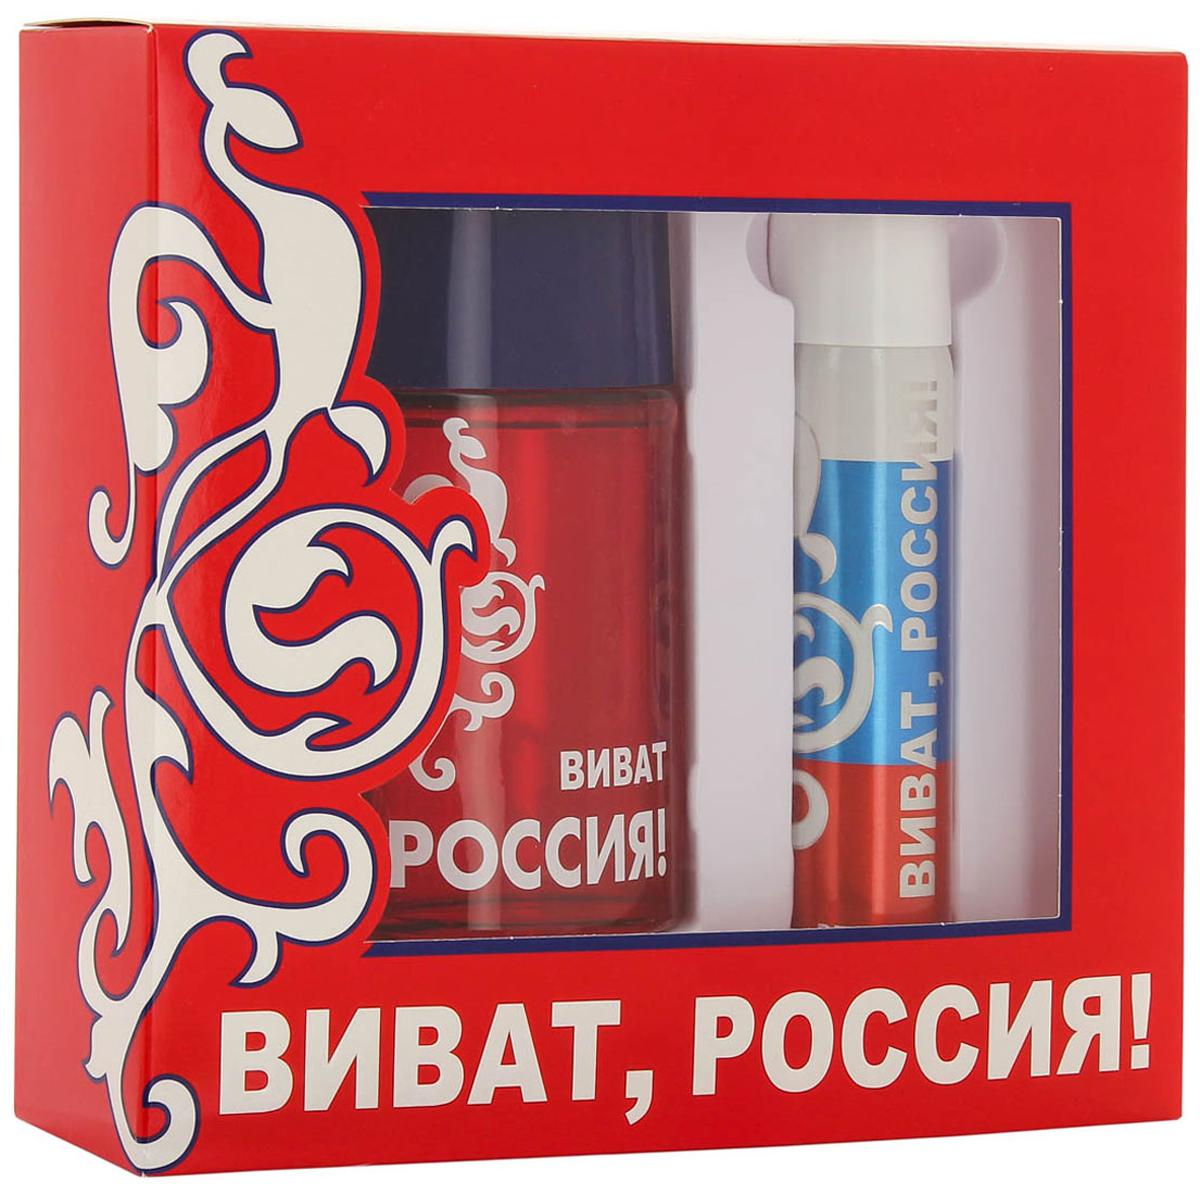 КПК-Парфюм Подарочный набор для мужчин Виват Россия красный: Туалетная вода, 100 мл + Парфюмированный дезодорант, 75 млКПК230ВИВАТ РОССИЯ КРАСНЫЙ - это аромат для мужчин. Верхние ноты: грейпфрут, мята и красный мандарин; ноты сердца: роза, корица и специи; ноты базы: кожа, древесные ноты, амбра и пачули из Индии.Краткий гид по парфюмерии: виды, ноты, ароматы, советы по выбору. Статья OZON Гид